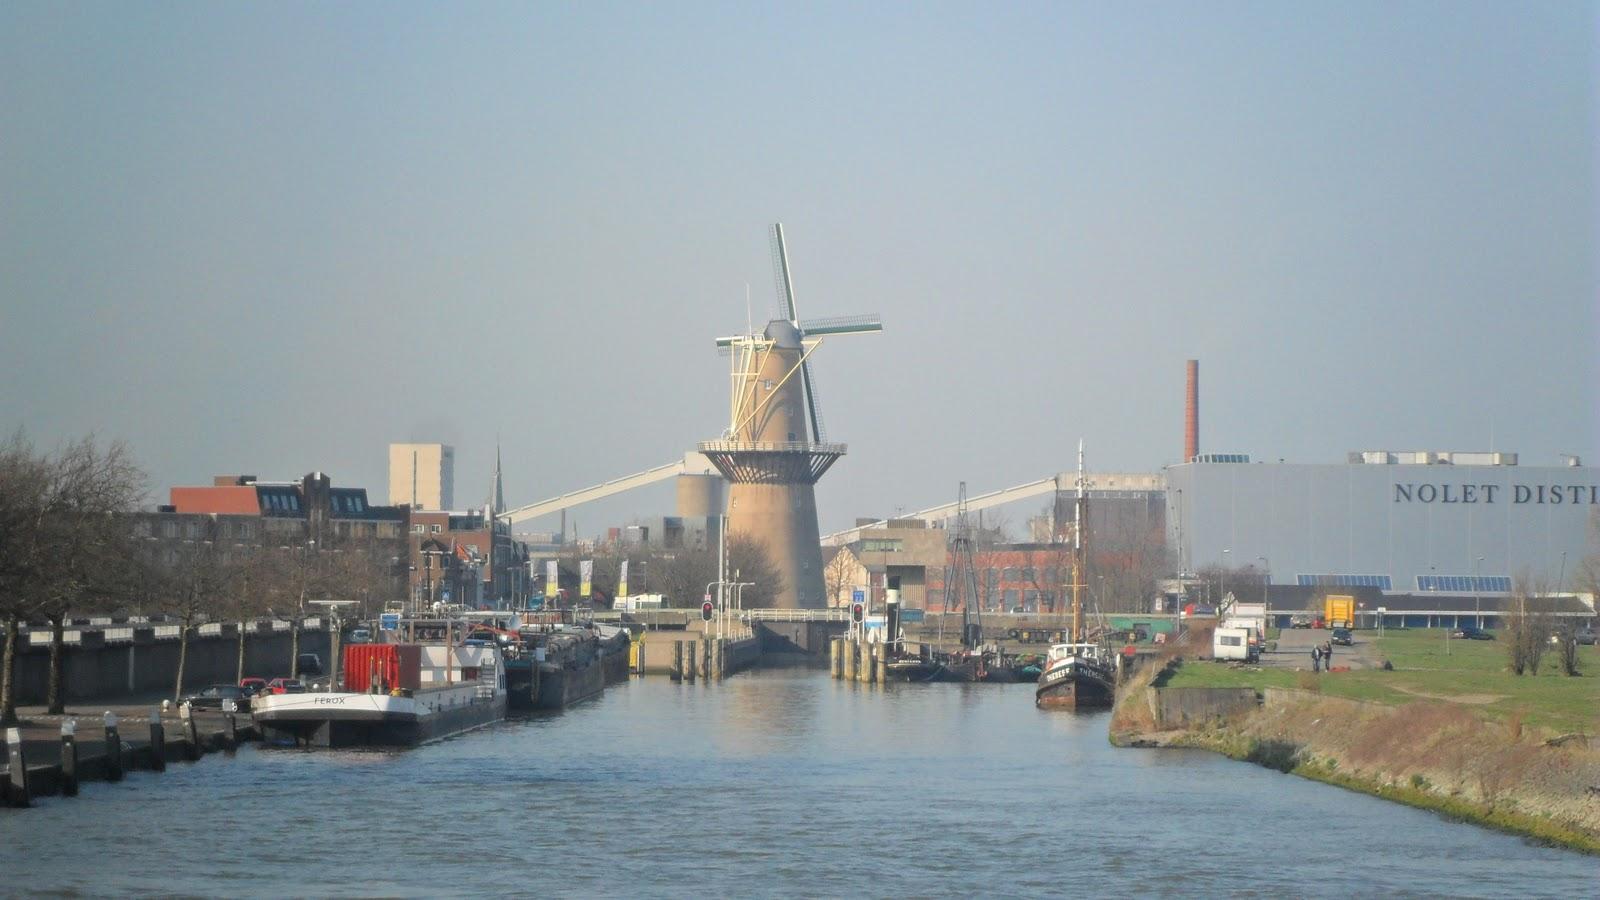 voyage au pays bas le port de rotterdam